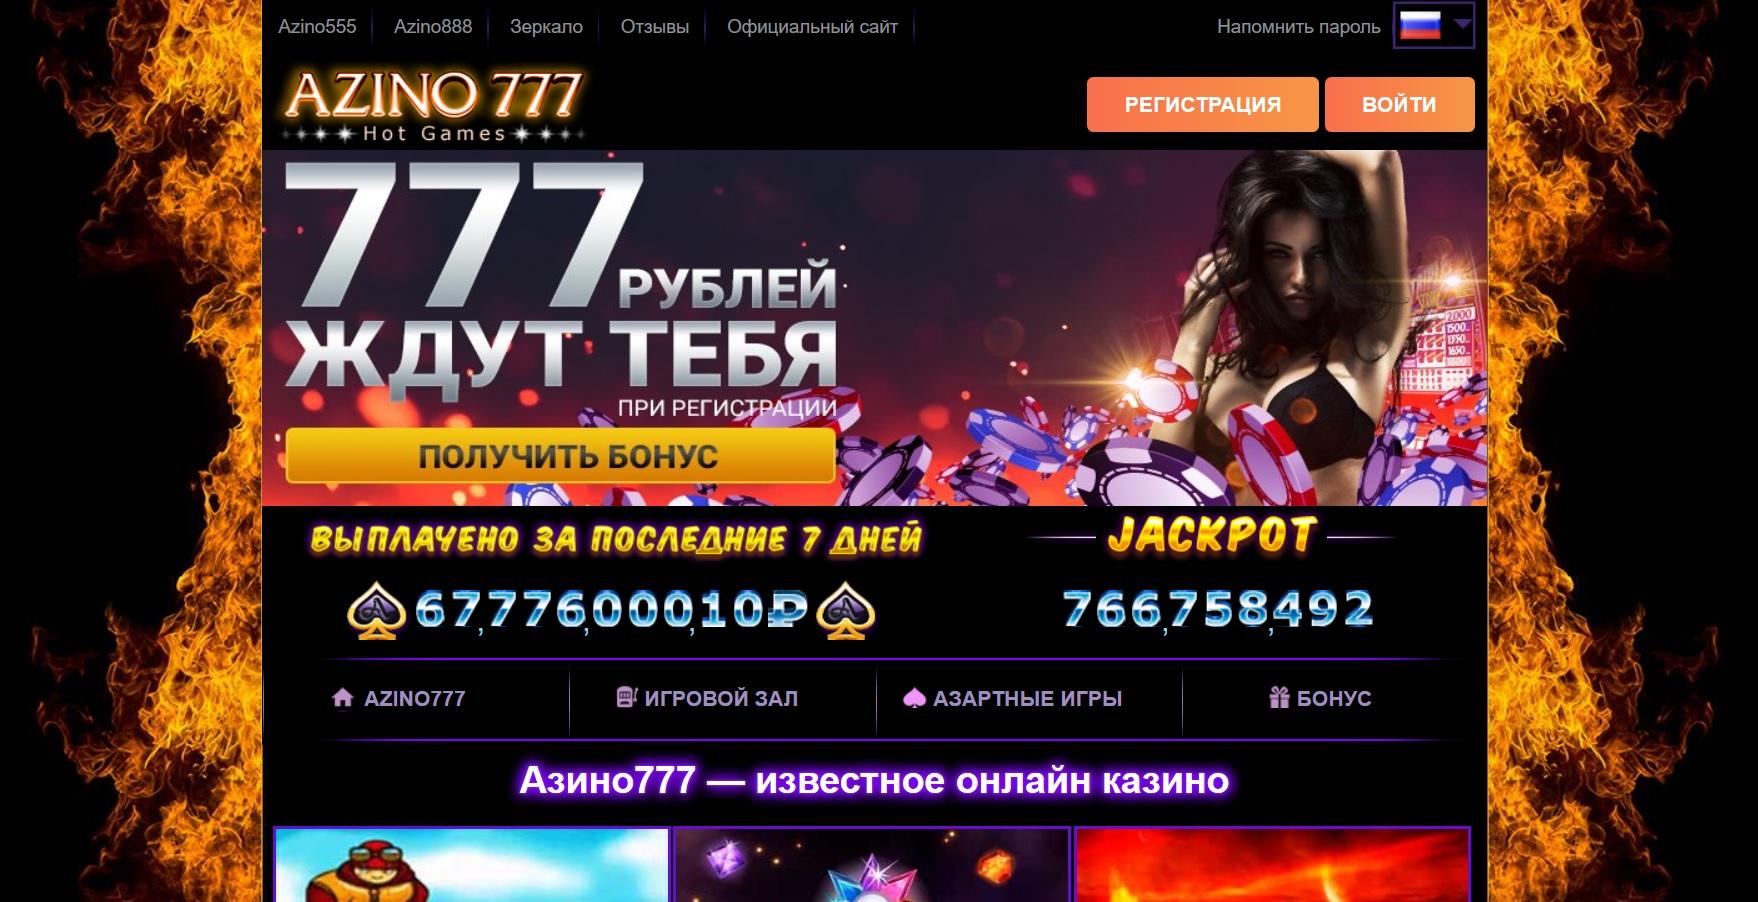 azino888 18 com